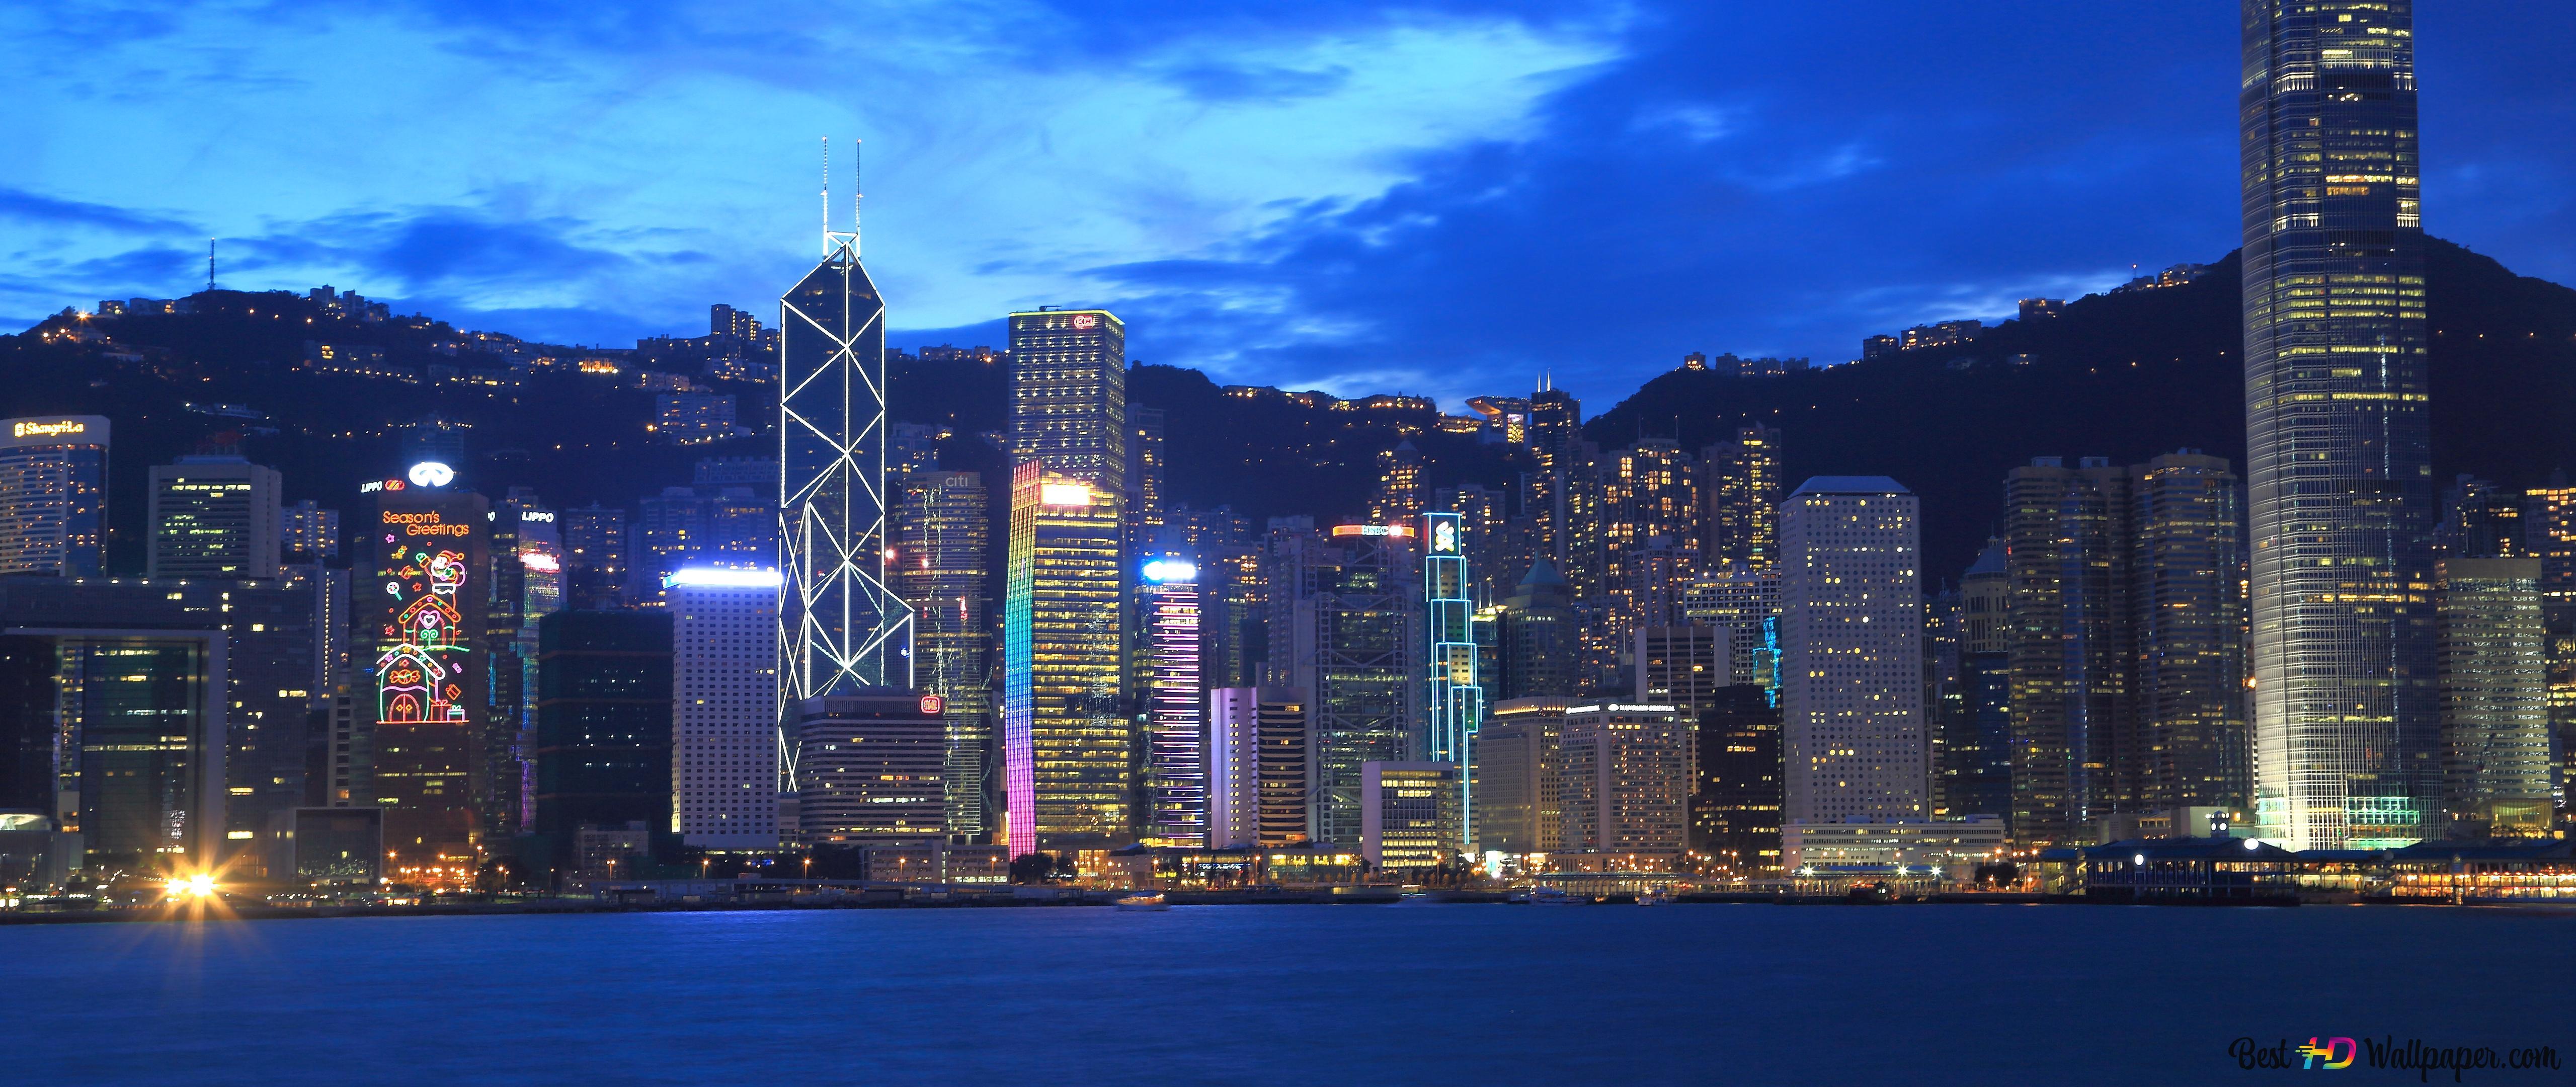 香港市 Hd壁紙のダウンロード